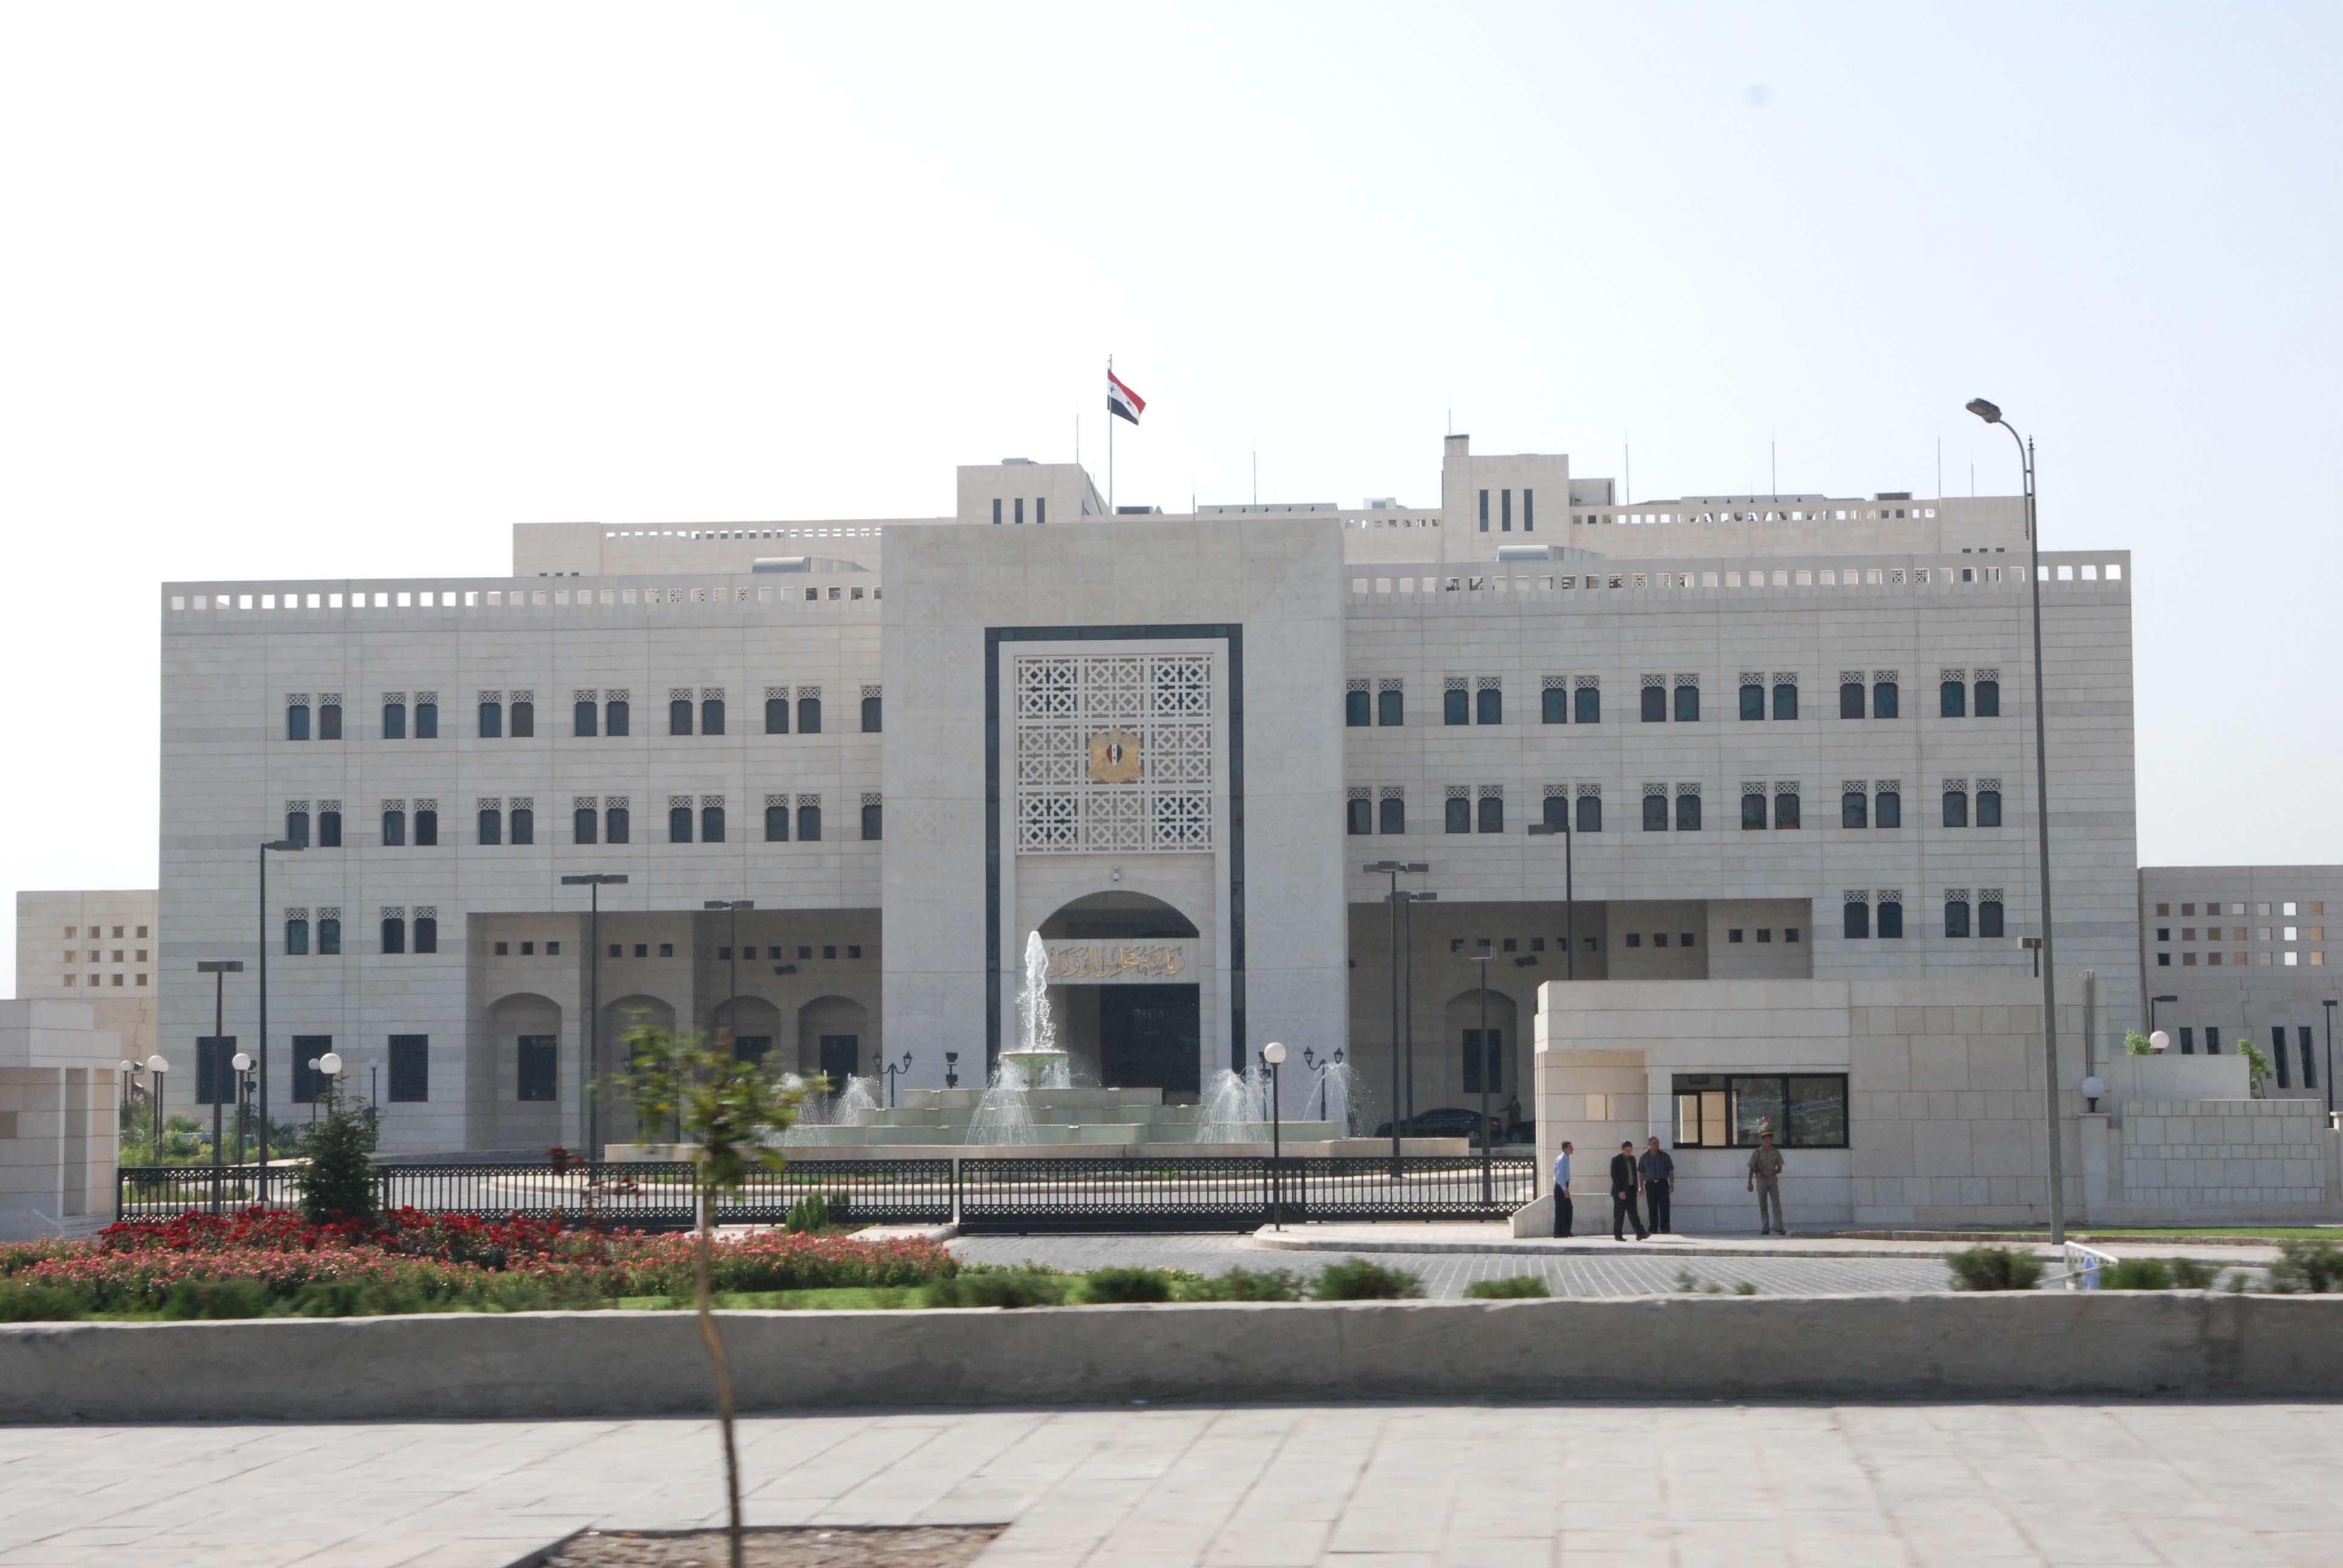 مجلس الوزراء يصدر قوائم جديدة لتعيين عدد من ذوي الشهداء العسكريين